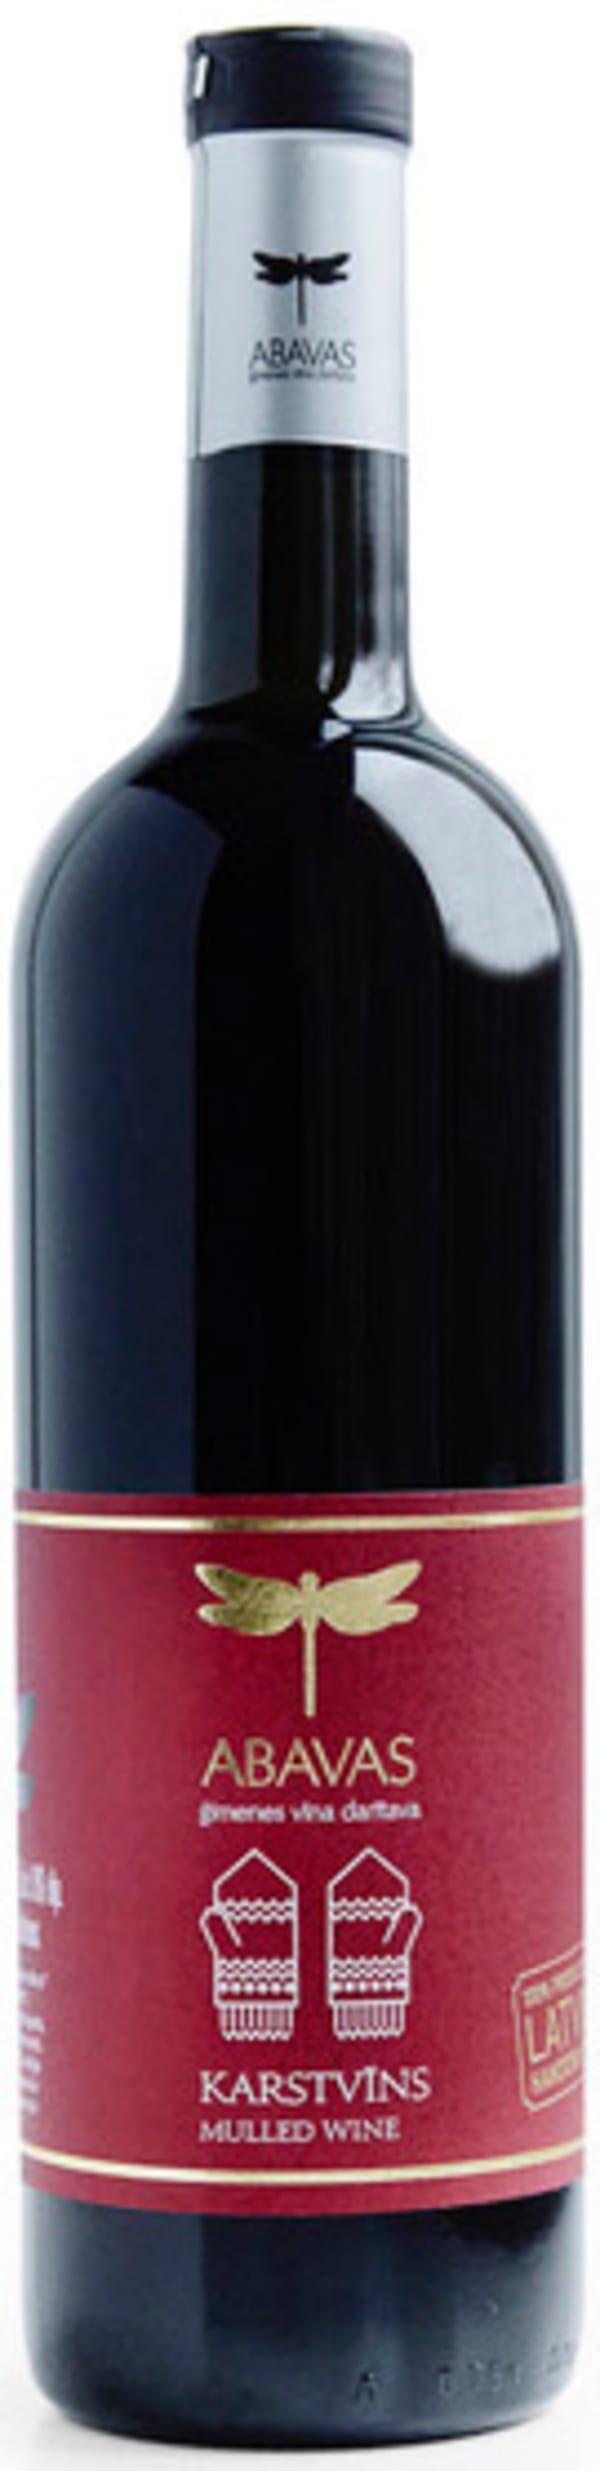 Abavas Mulled Wine 2017